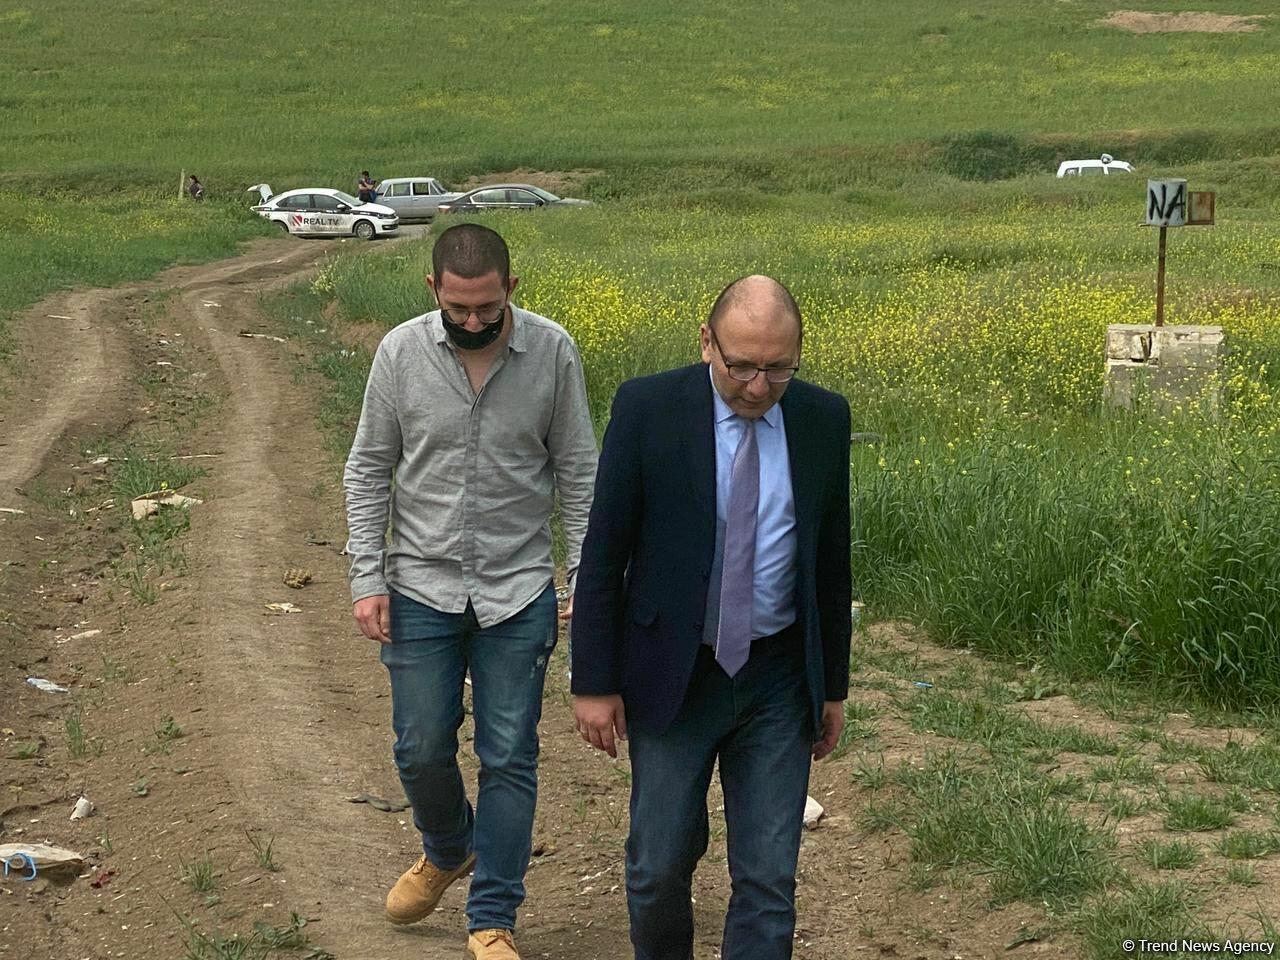 Продолжается визит израильских журналистов на освобожденные территории Азербайджана